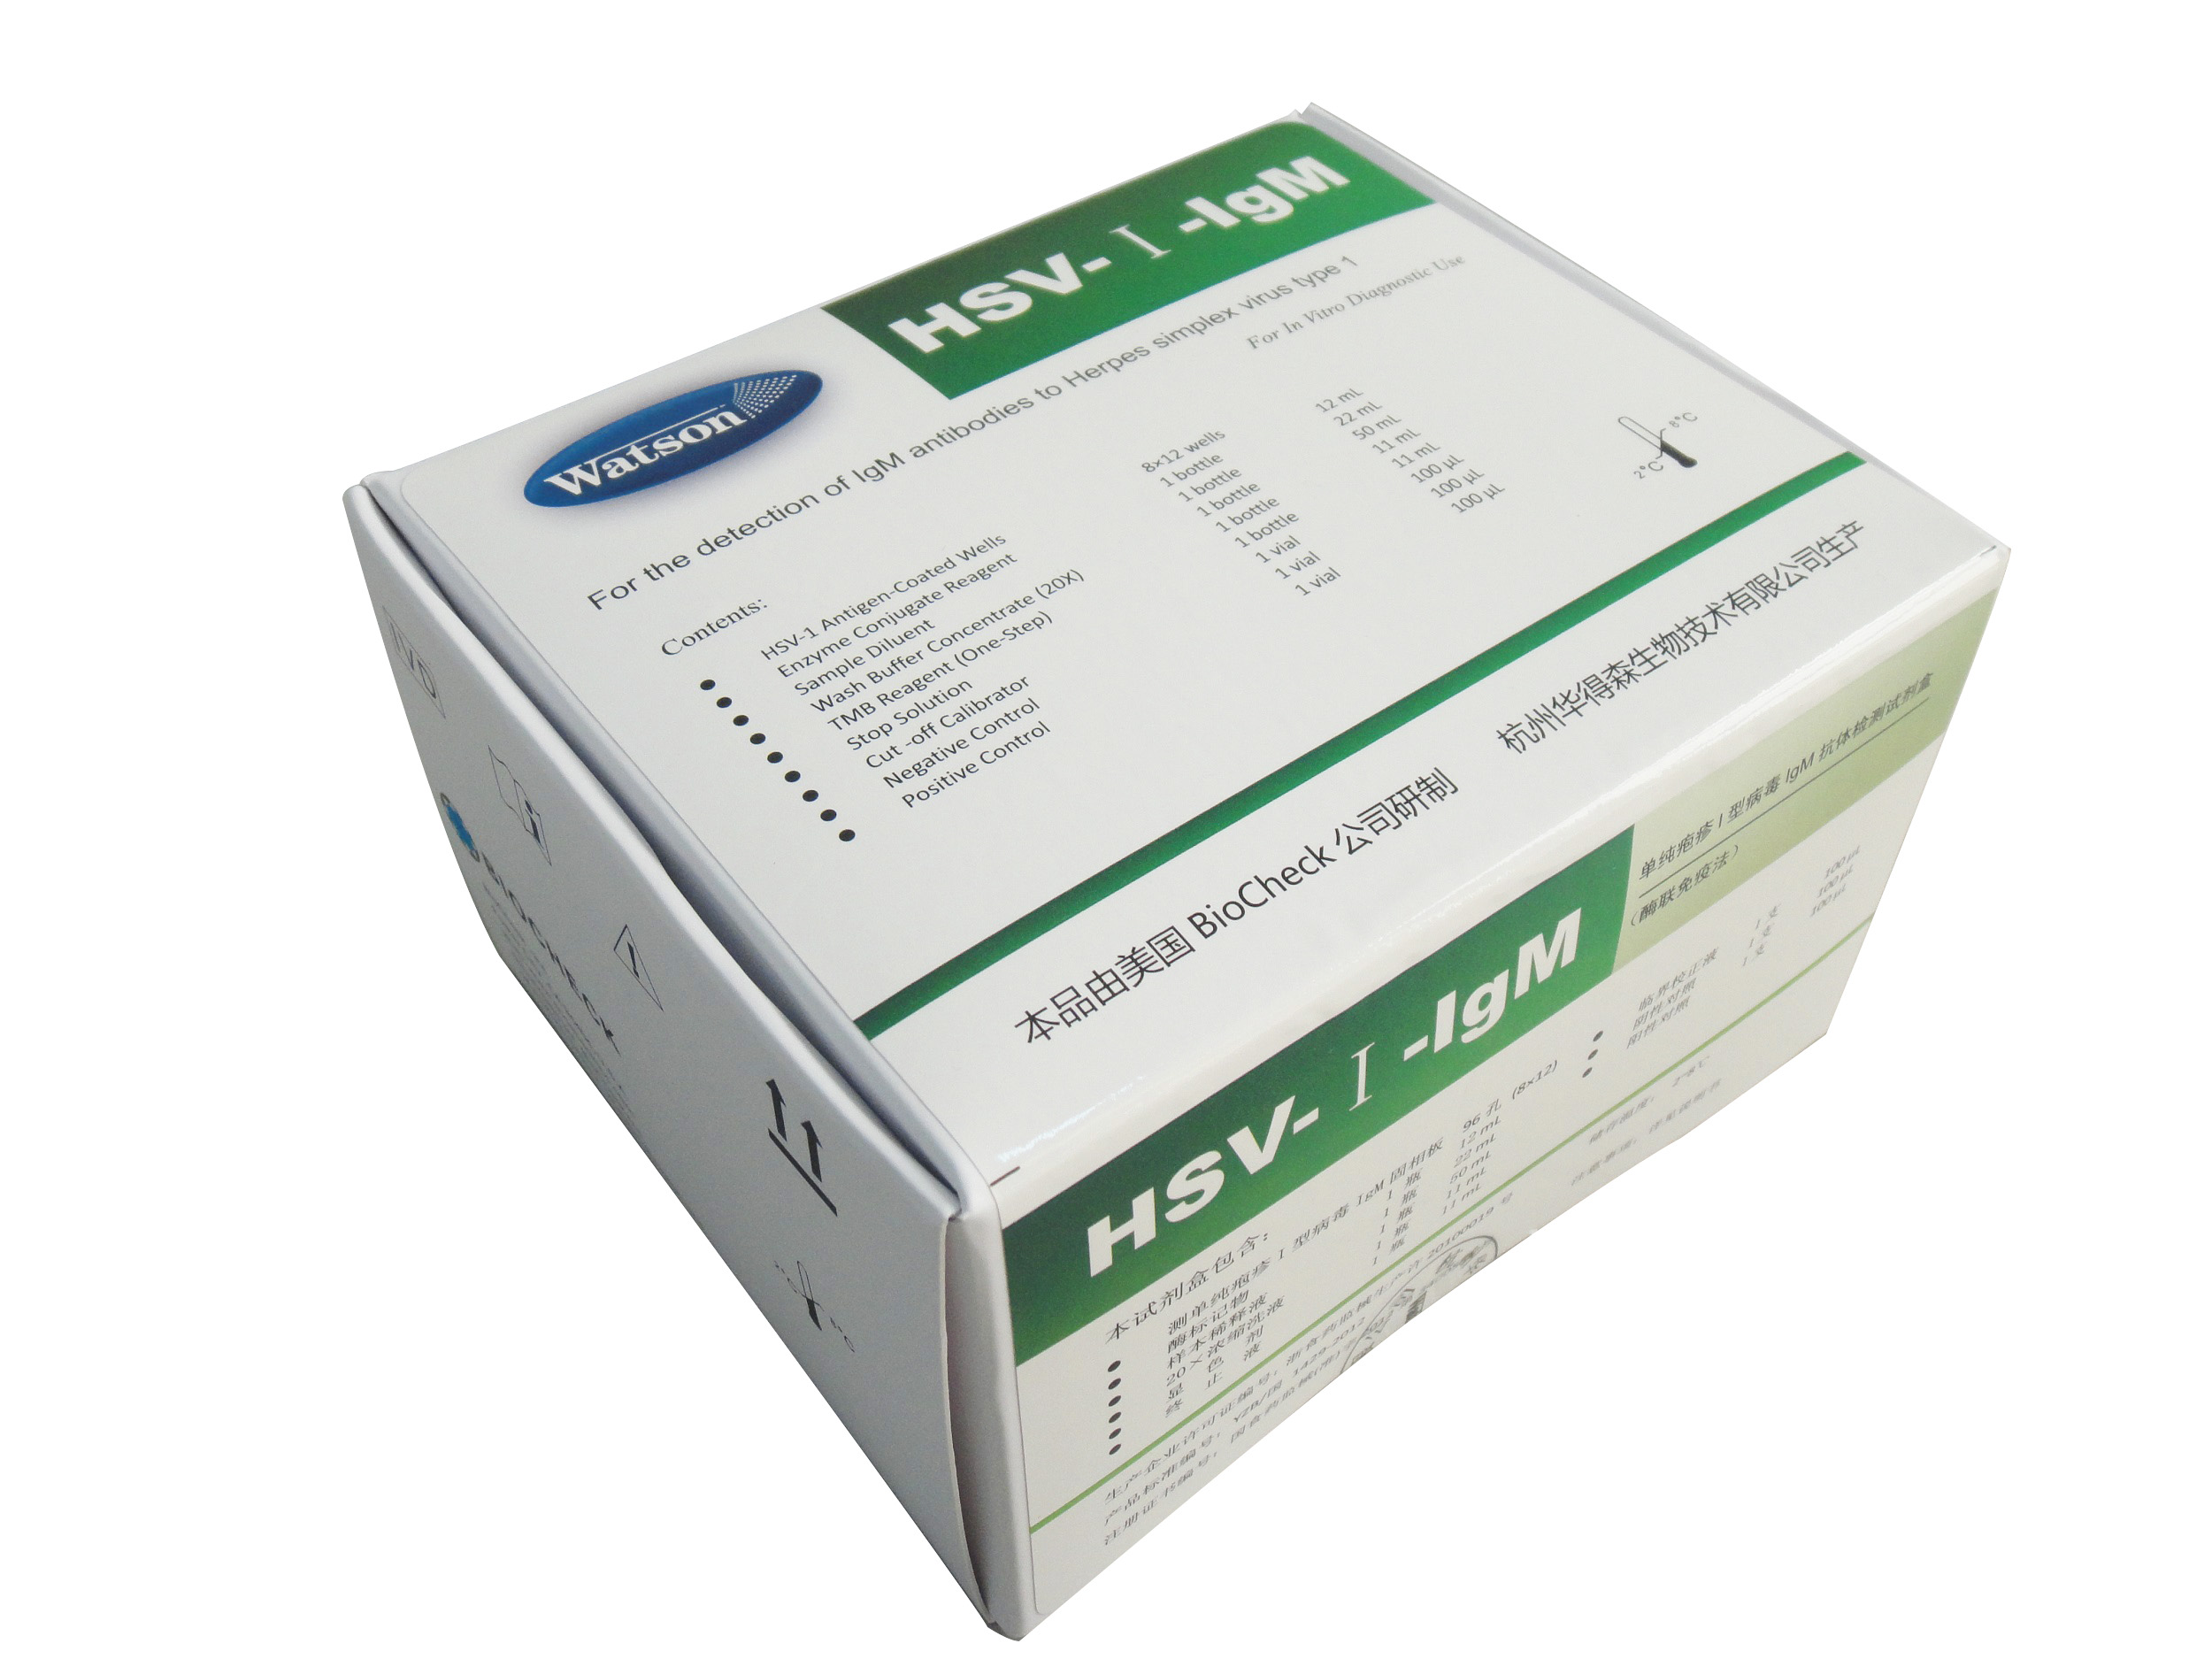 单纯疱疹I型病毒IgM抗体检测试剂盒